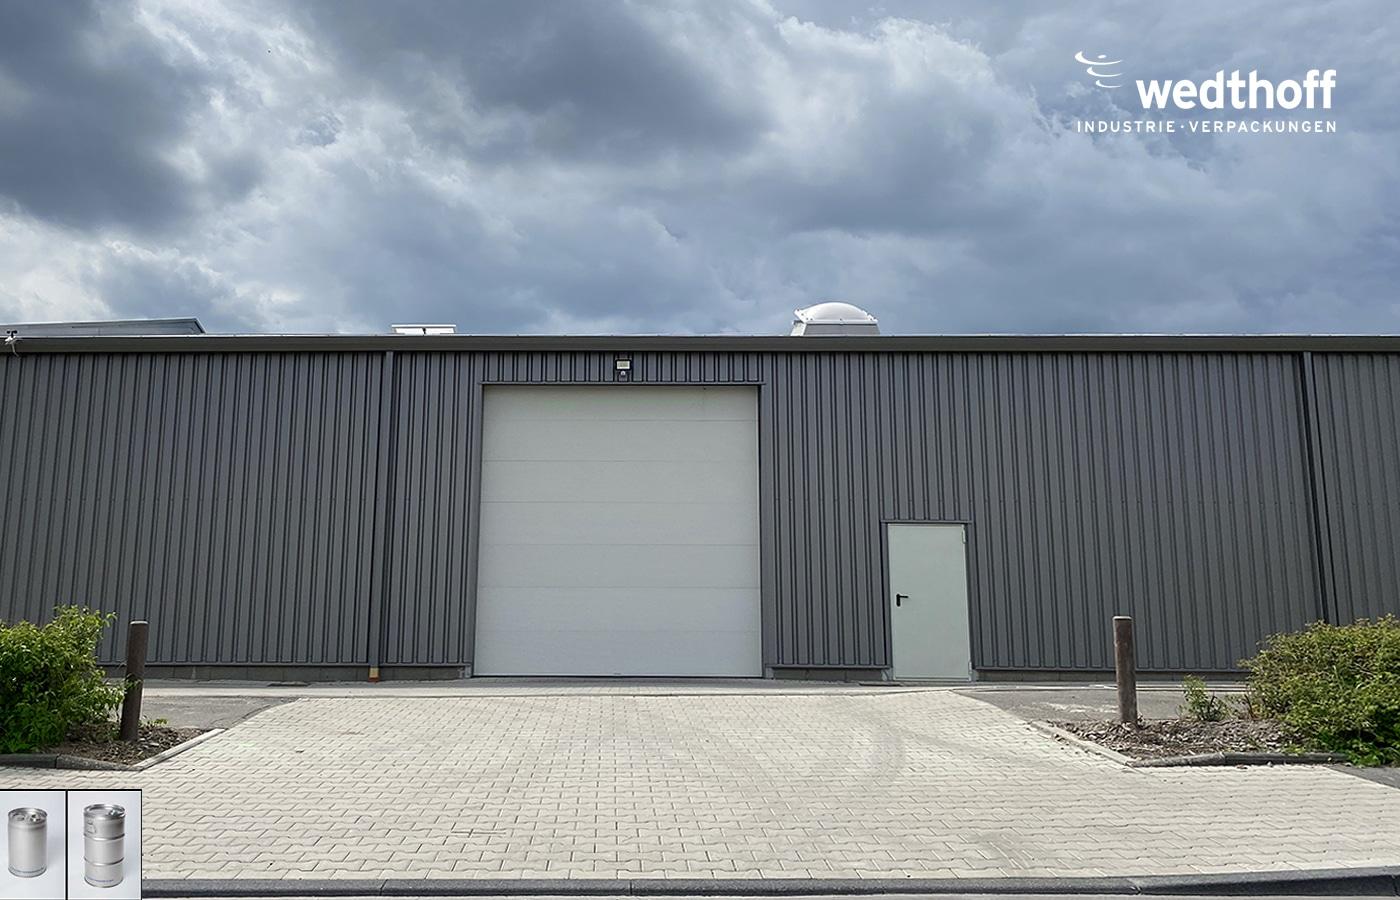 Modernes Lager 04. WEDTHOFF Industrieverpackungen + Gefahrgutverpackungen in Köln Bonn NRW. Optimaler Lieferservice